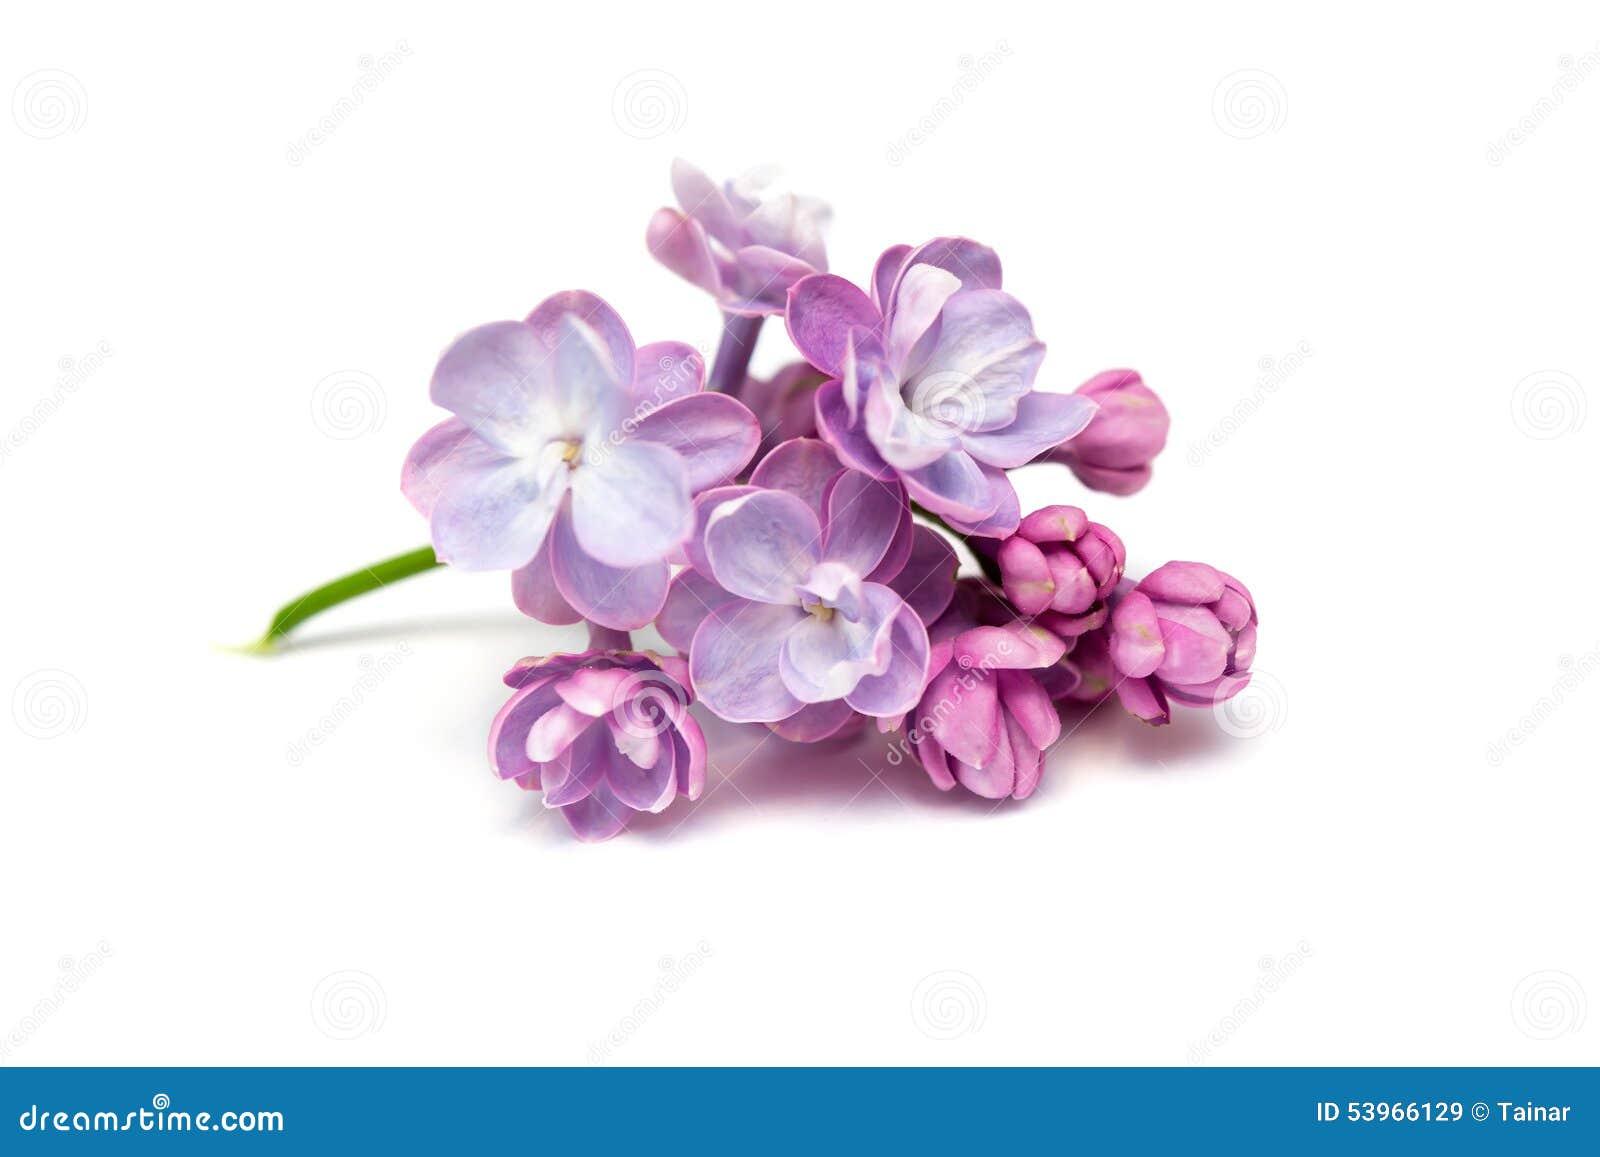 Flores Lilas Con Rosas Sobre Fondo: Flores De La Lila Fondo Blanco Imagen De Archivo